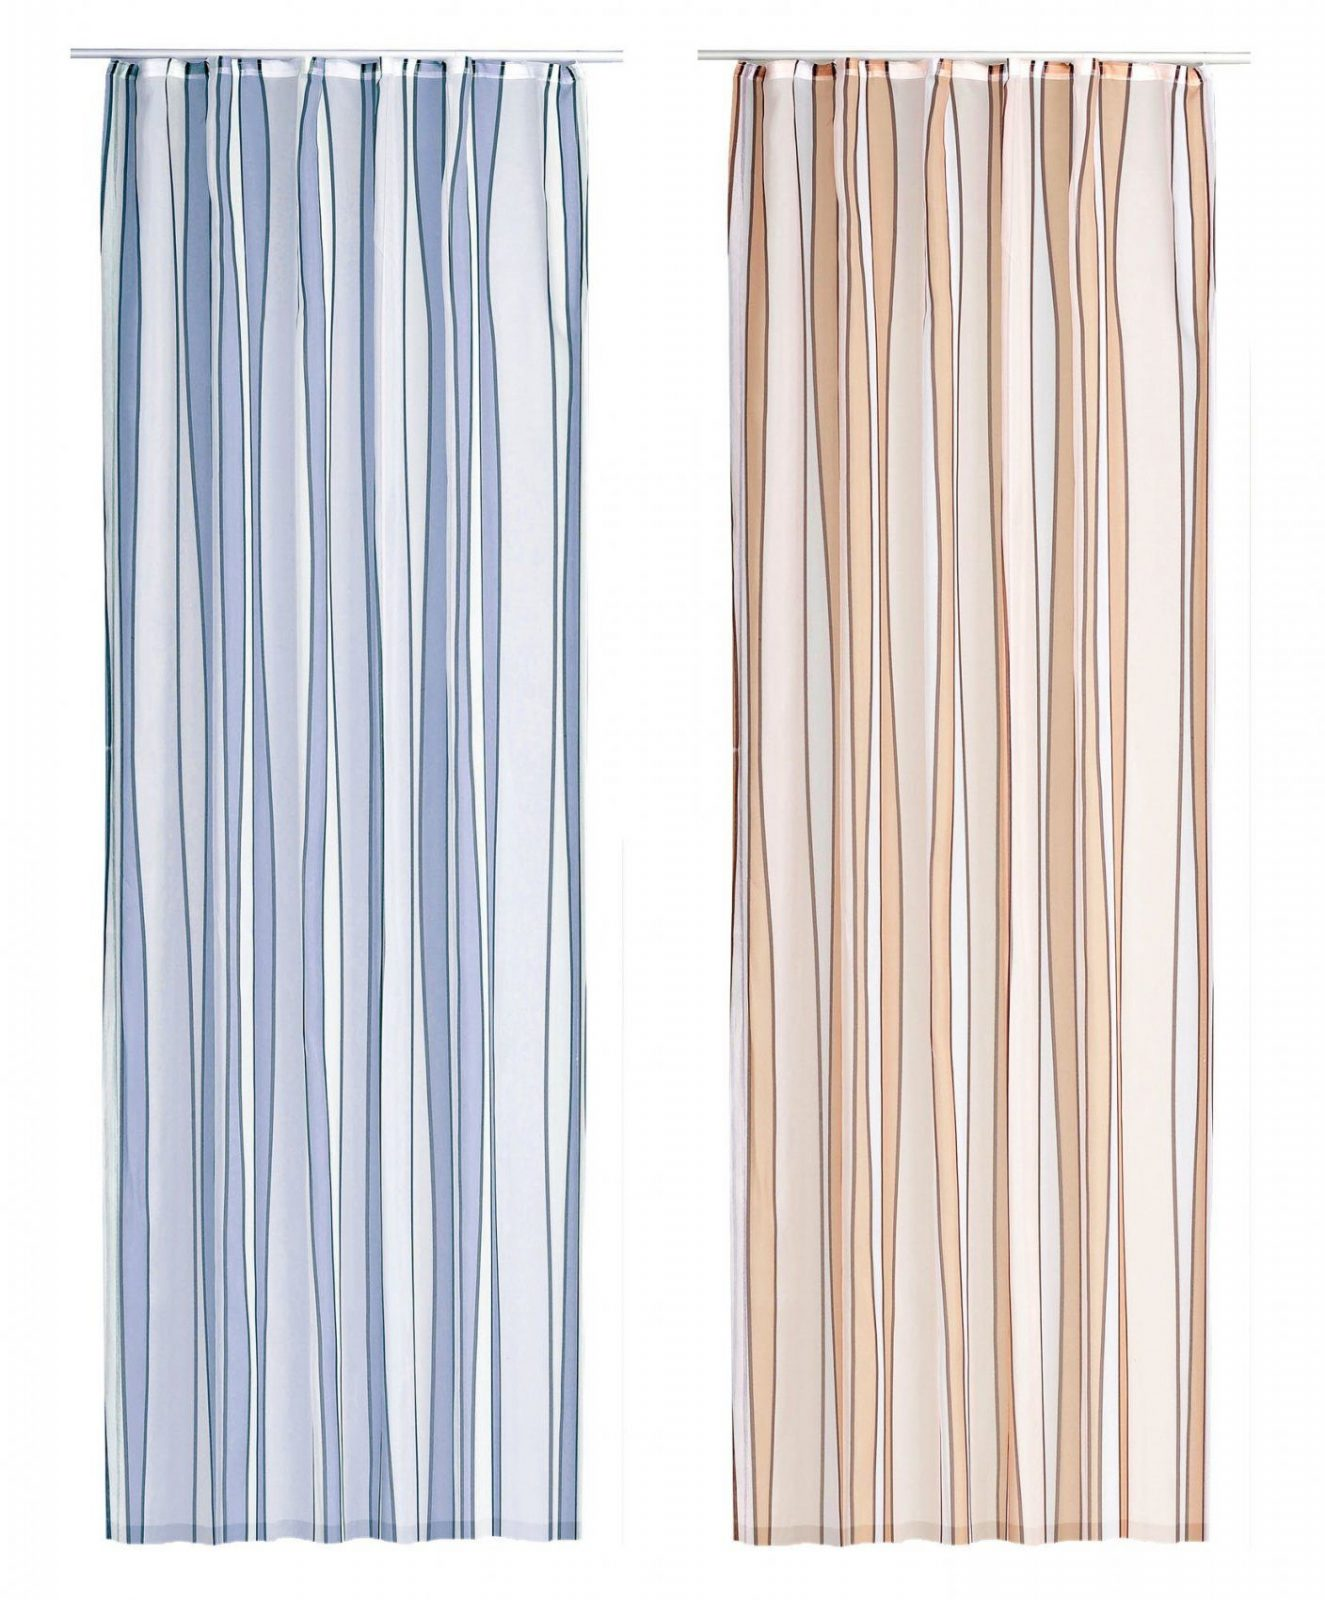 Vorhang Blau Weiß Gestreift Modern Inspiration Um Vorhang Blau Weiß von Vorhang Blau Weiß Gestreift Photo